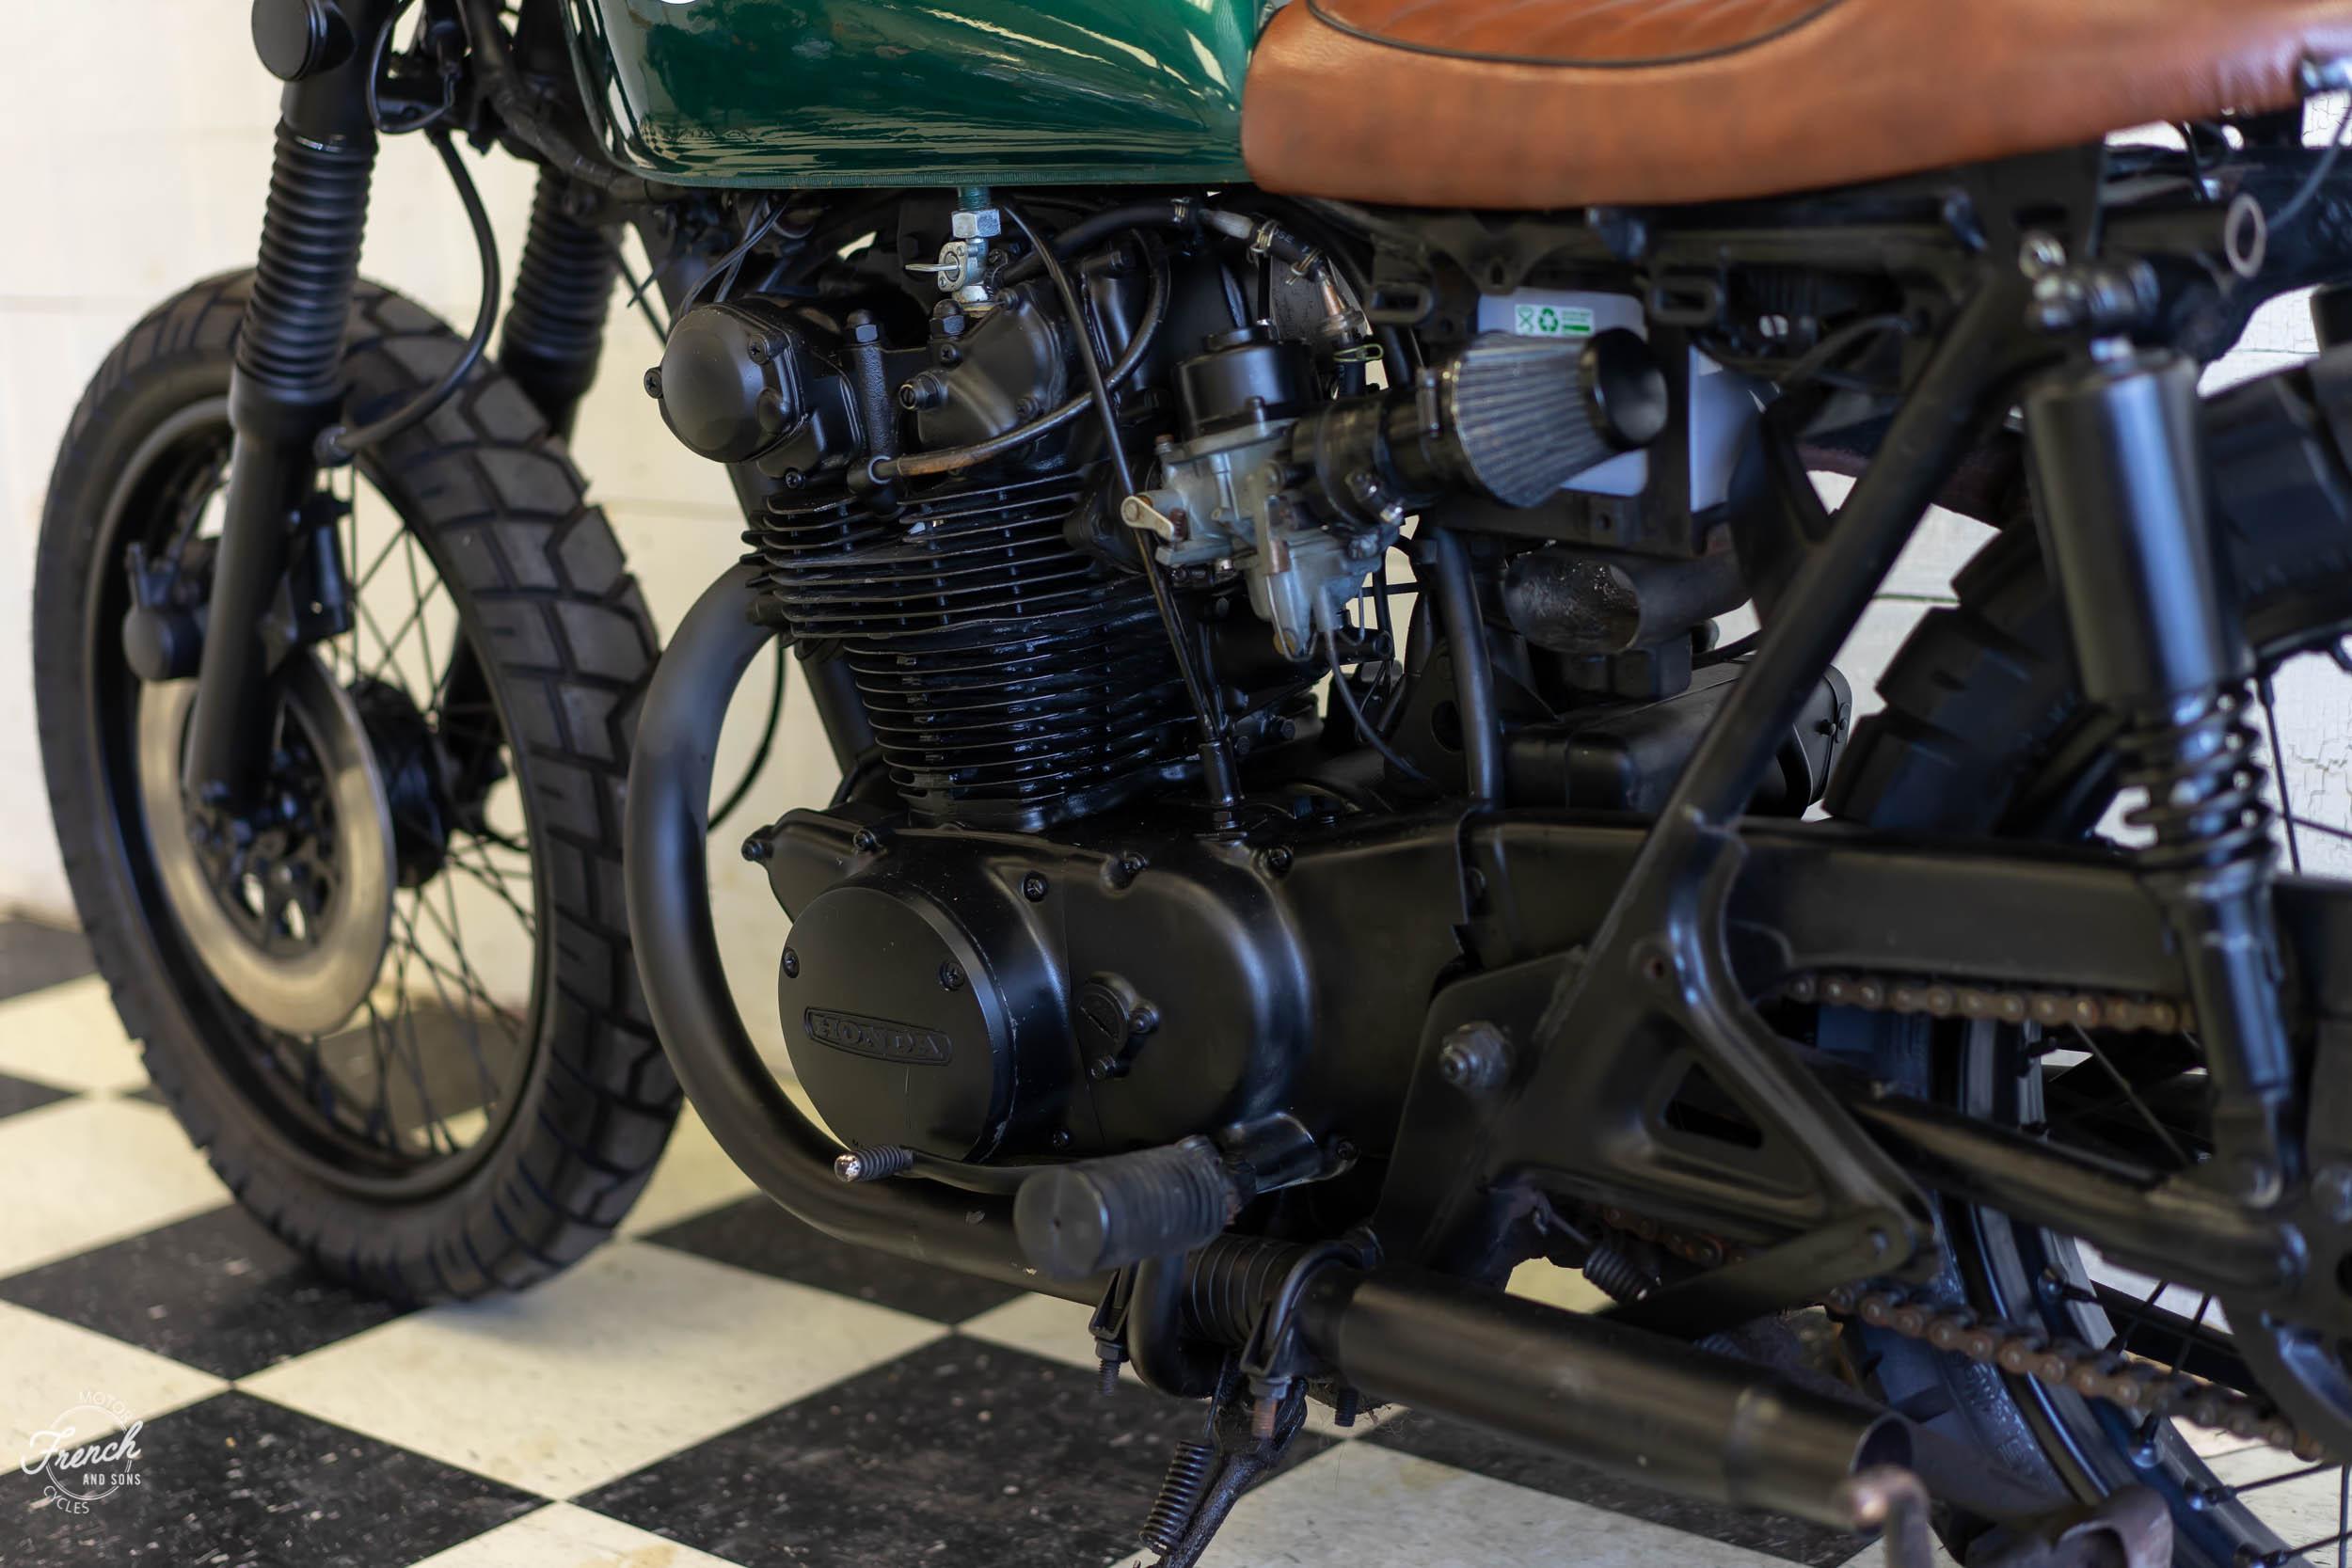 1974_honda_cb450_cafe_racer-23.jpg